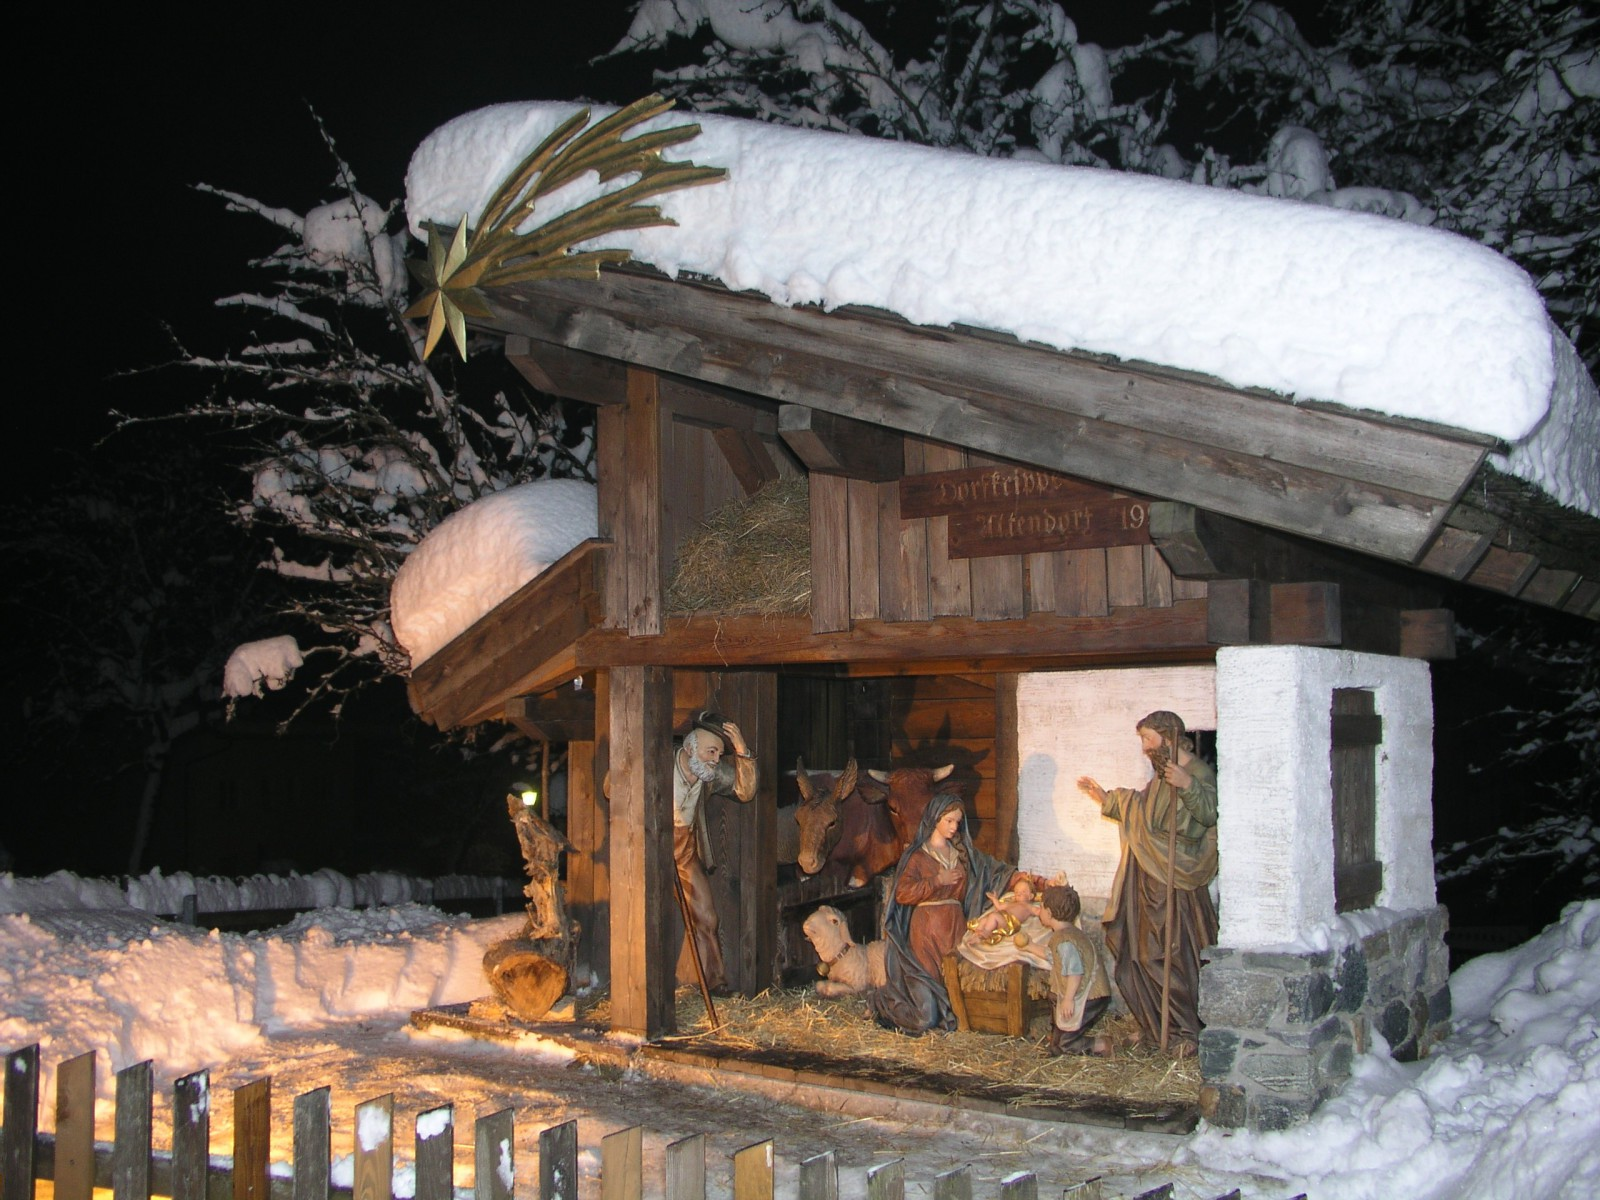 Dorfkrippe Uttendoerf aus dem Jahr 2006 mit über 1 Meter hohen Figuren.